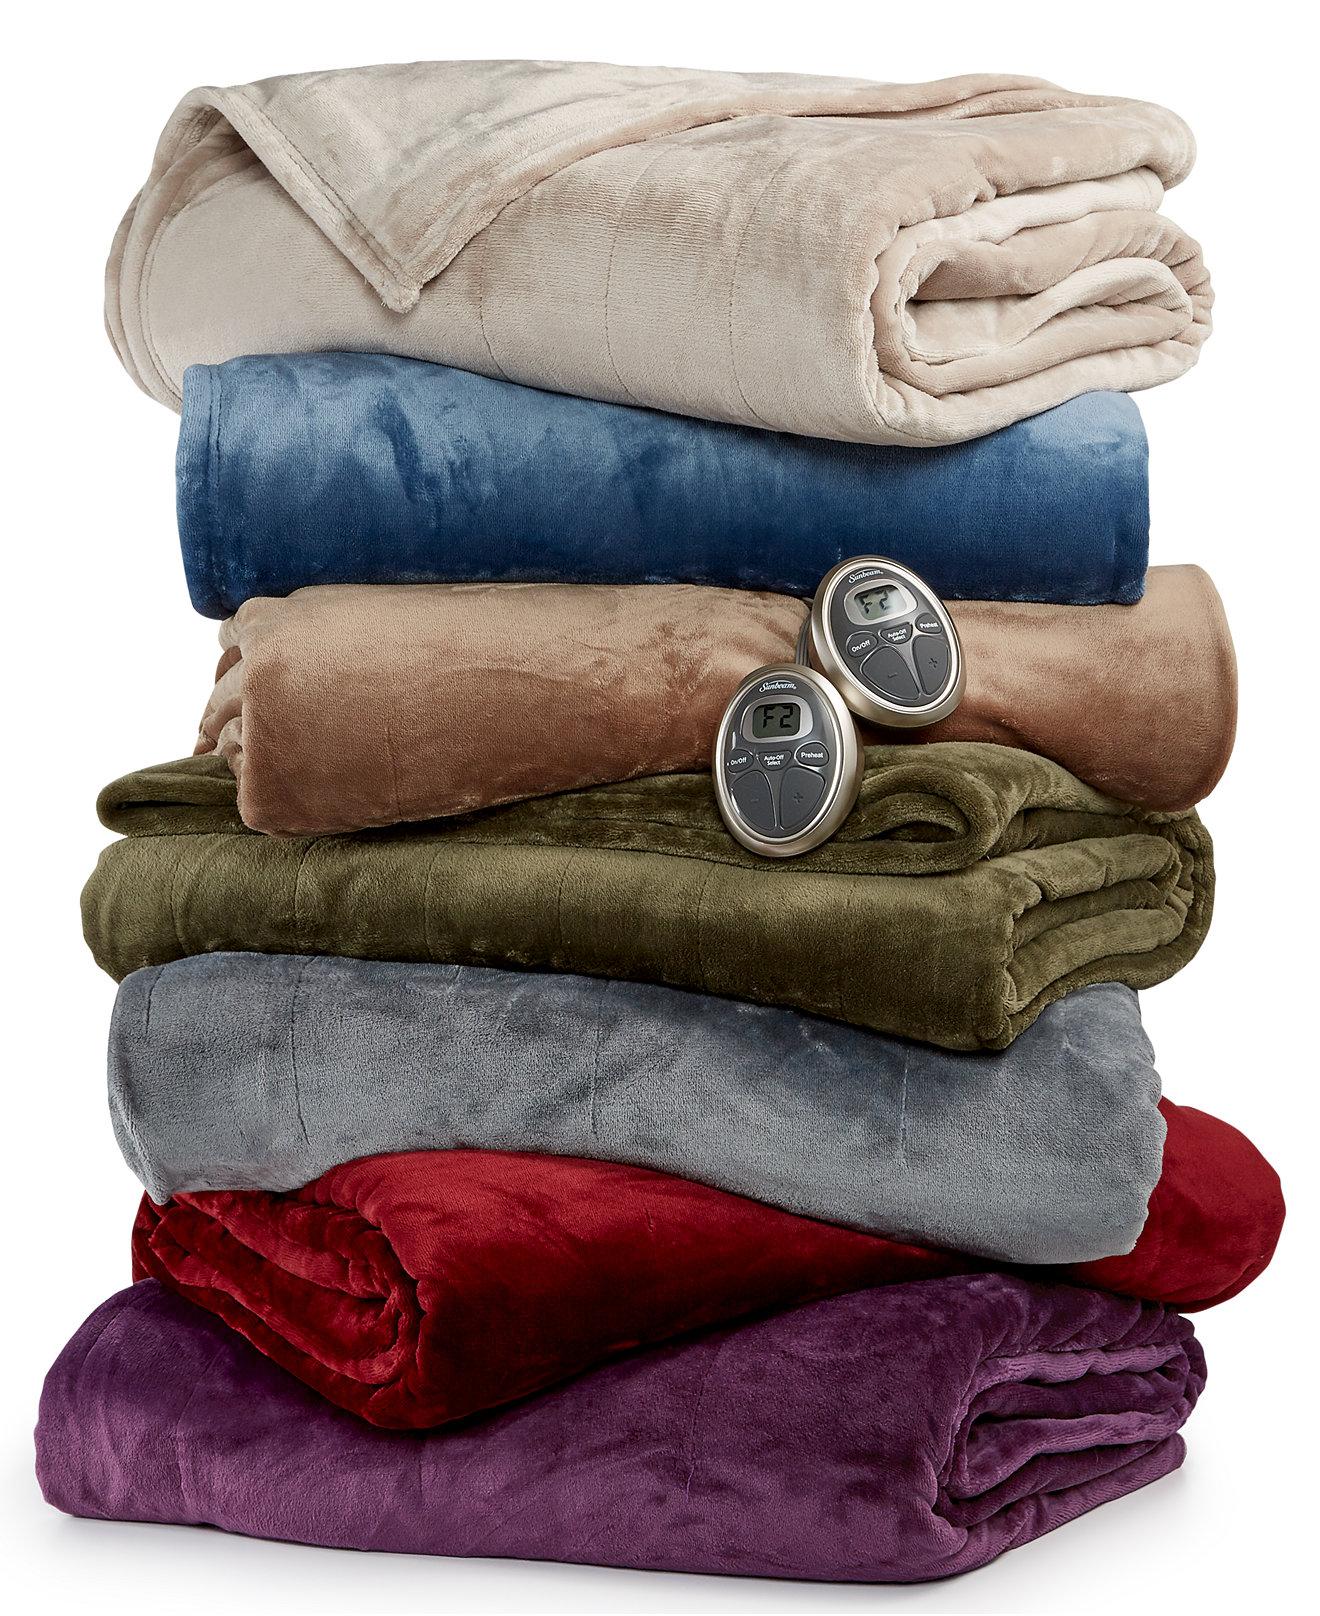 Slumber Rest Velvet Plush Heated Blankets By Sunbeam